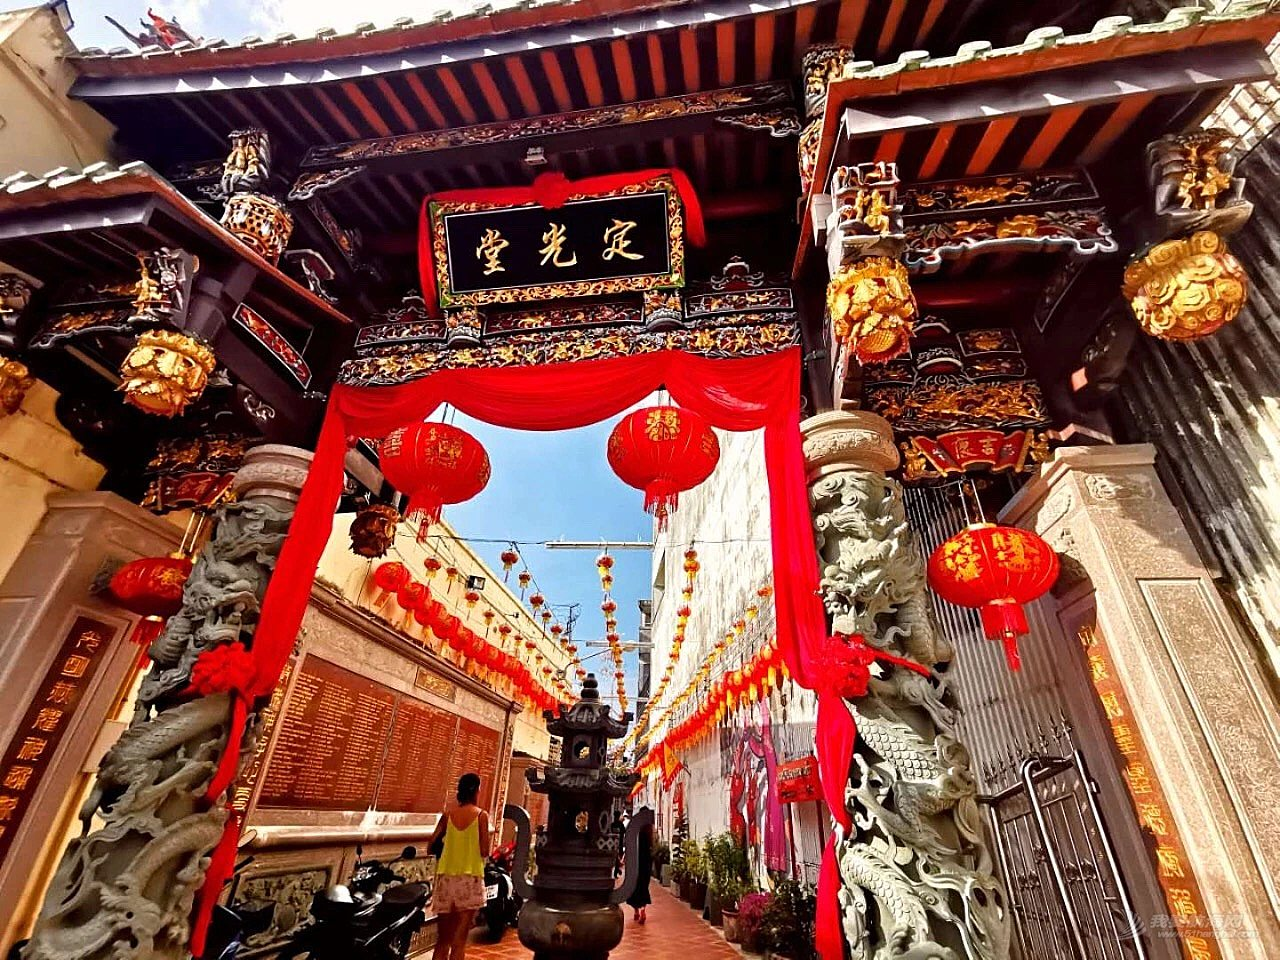 青青侠,游世界,普吉,足迹 带青青侠游世界之--普吉追寻华人足迹